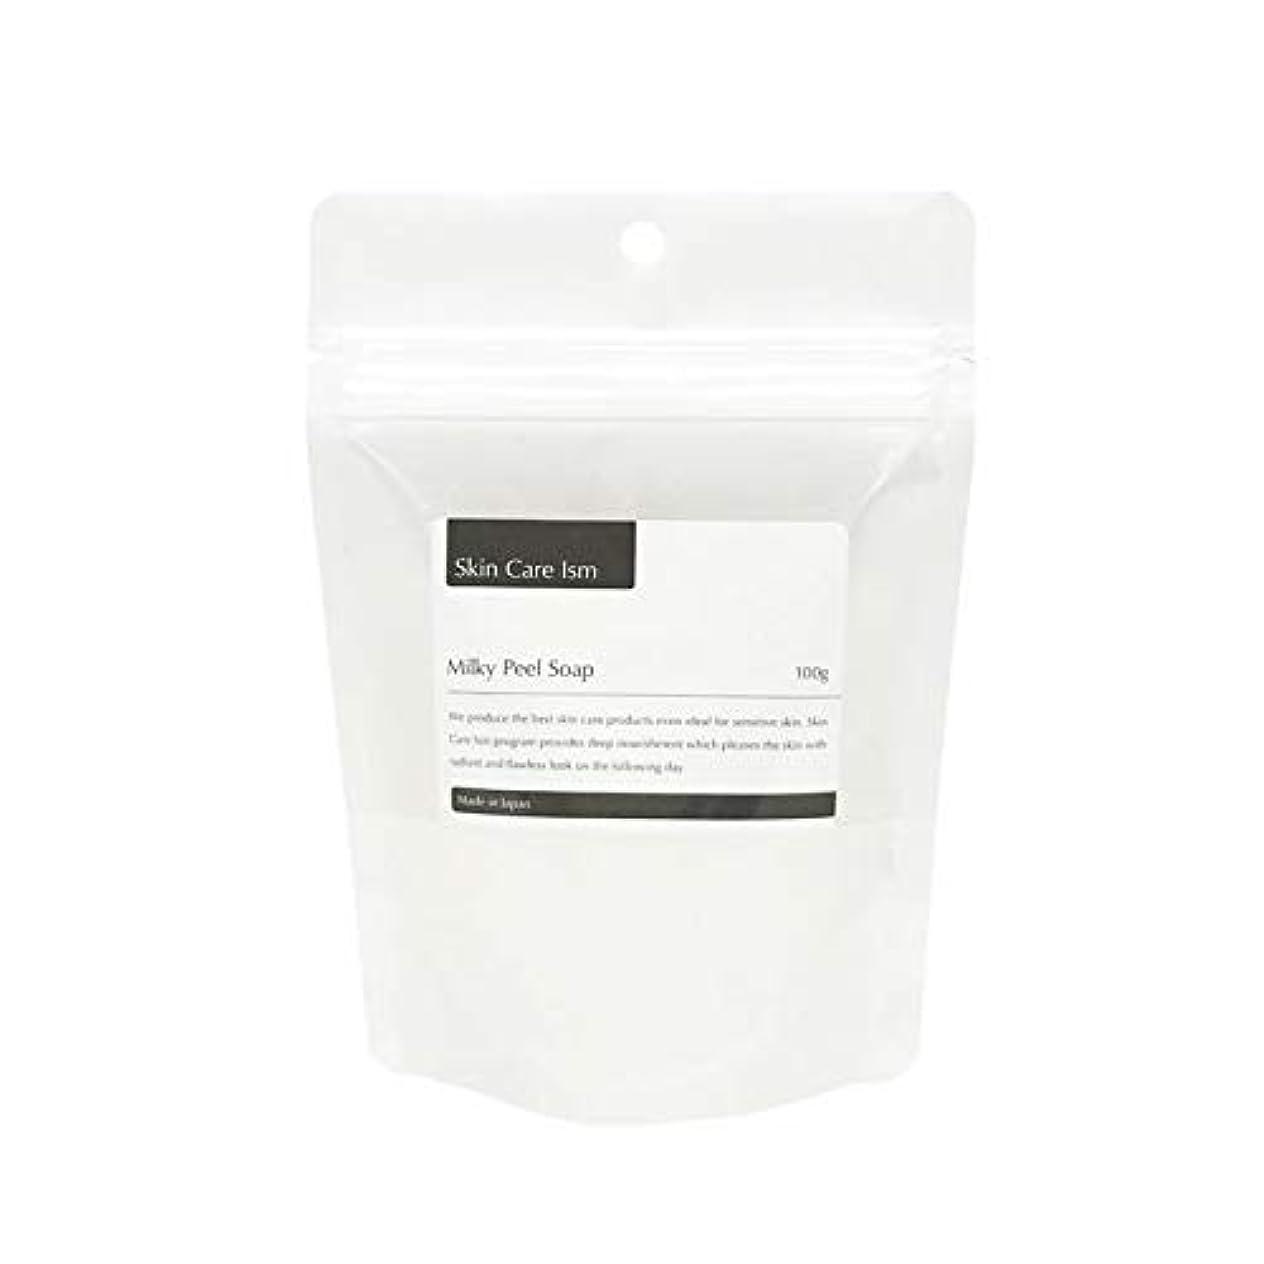 ジョガー囲まれた落胆した【Skin Care Ism / Milky Peel Soap】スキンケアイズム?ミルキーピールソープ